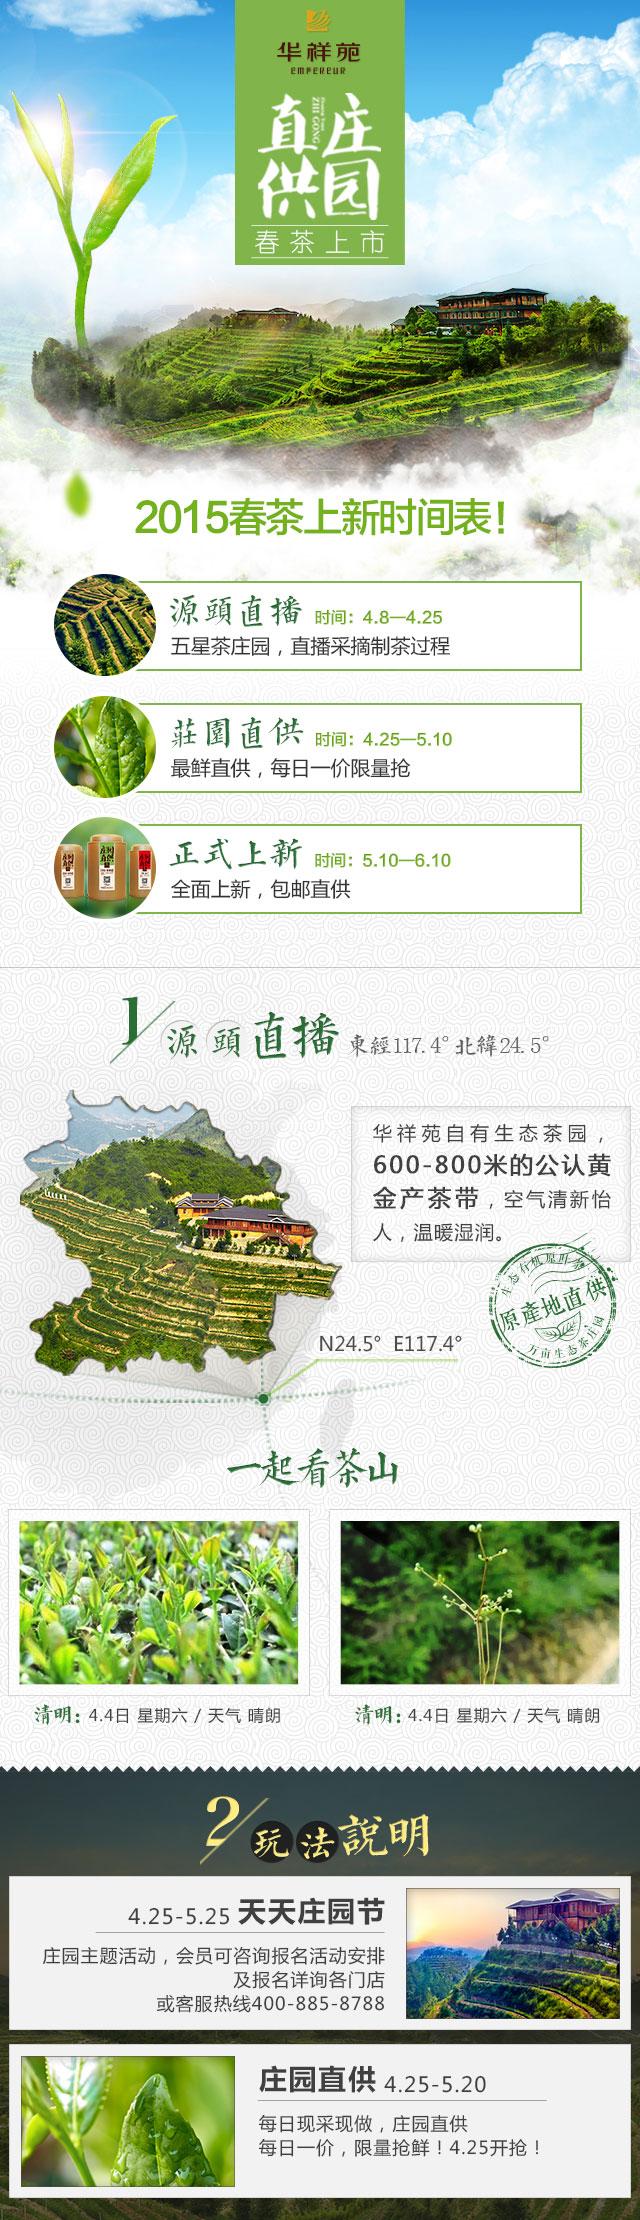 春茶预售-华祥苑2